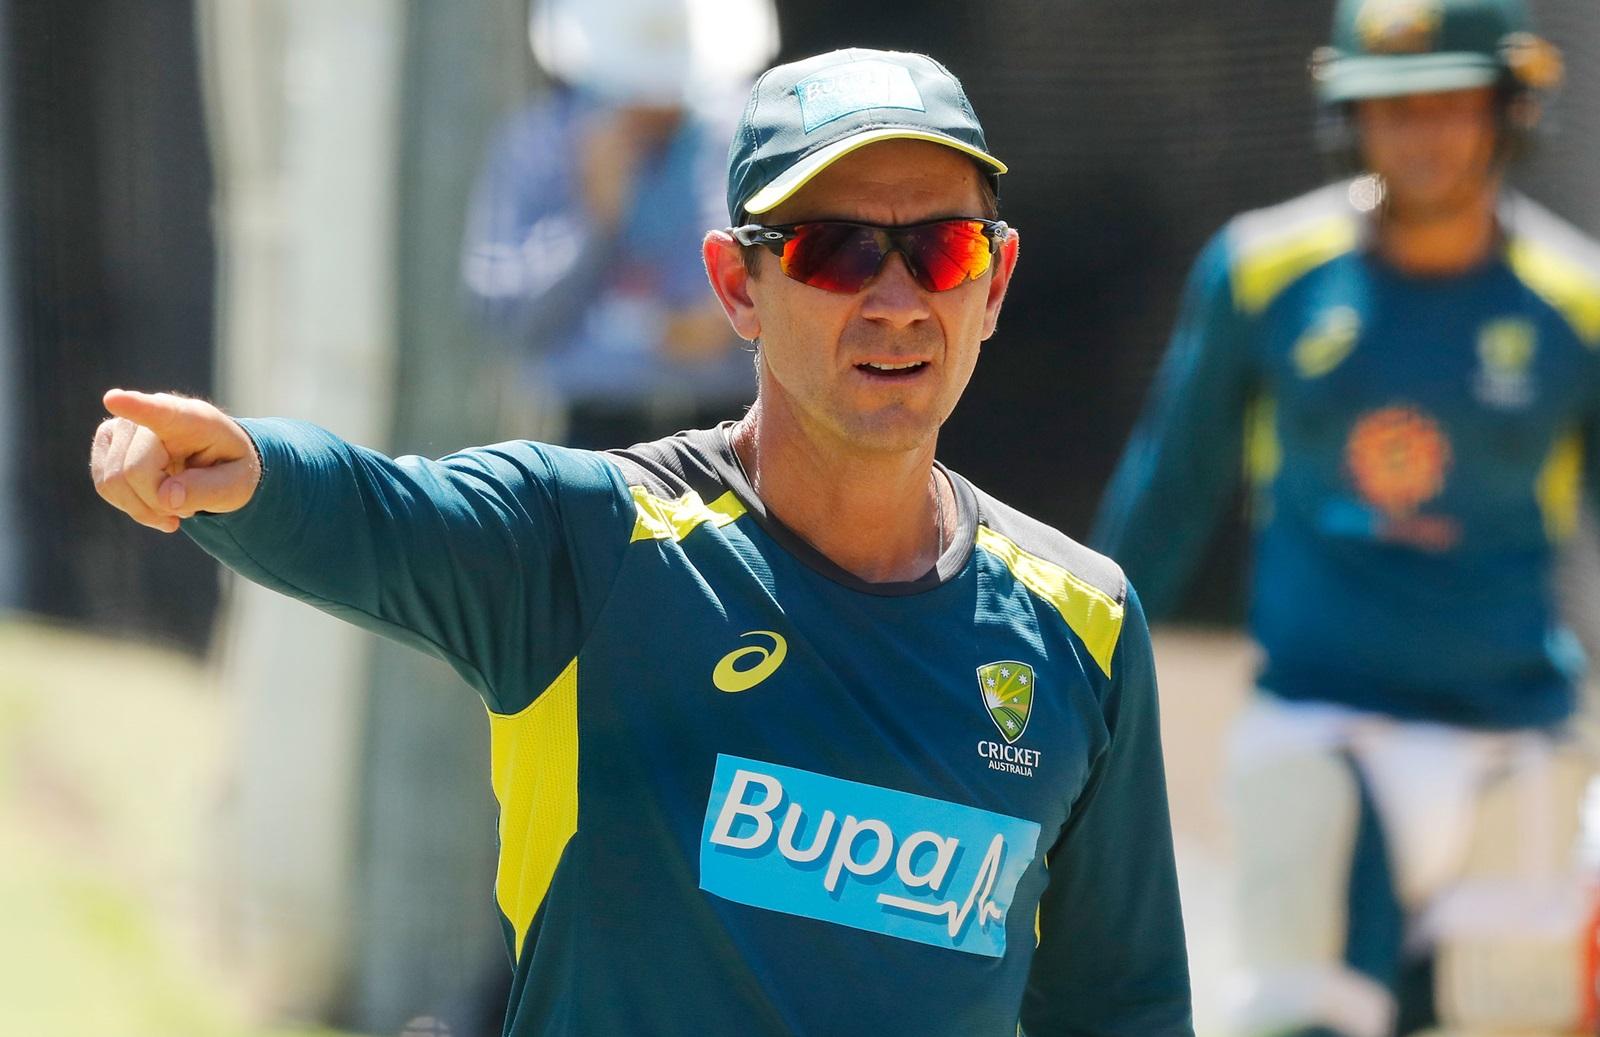 सीरीज हार के ऑस्ट्रेलियाई खेमें में भारी मतभेद की खबरे, कोच जस्टिन लैंगर से खुश नहीं खिलाड़ी 6